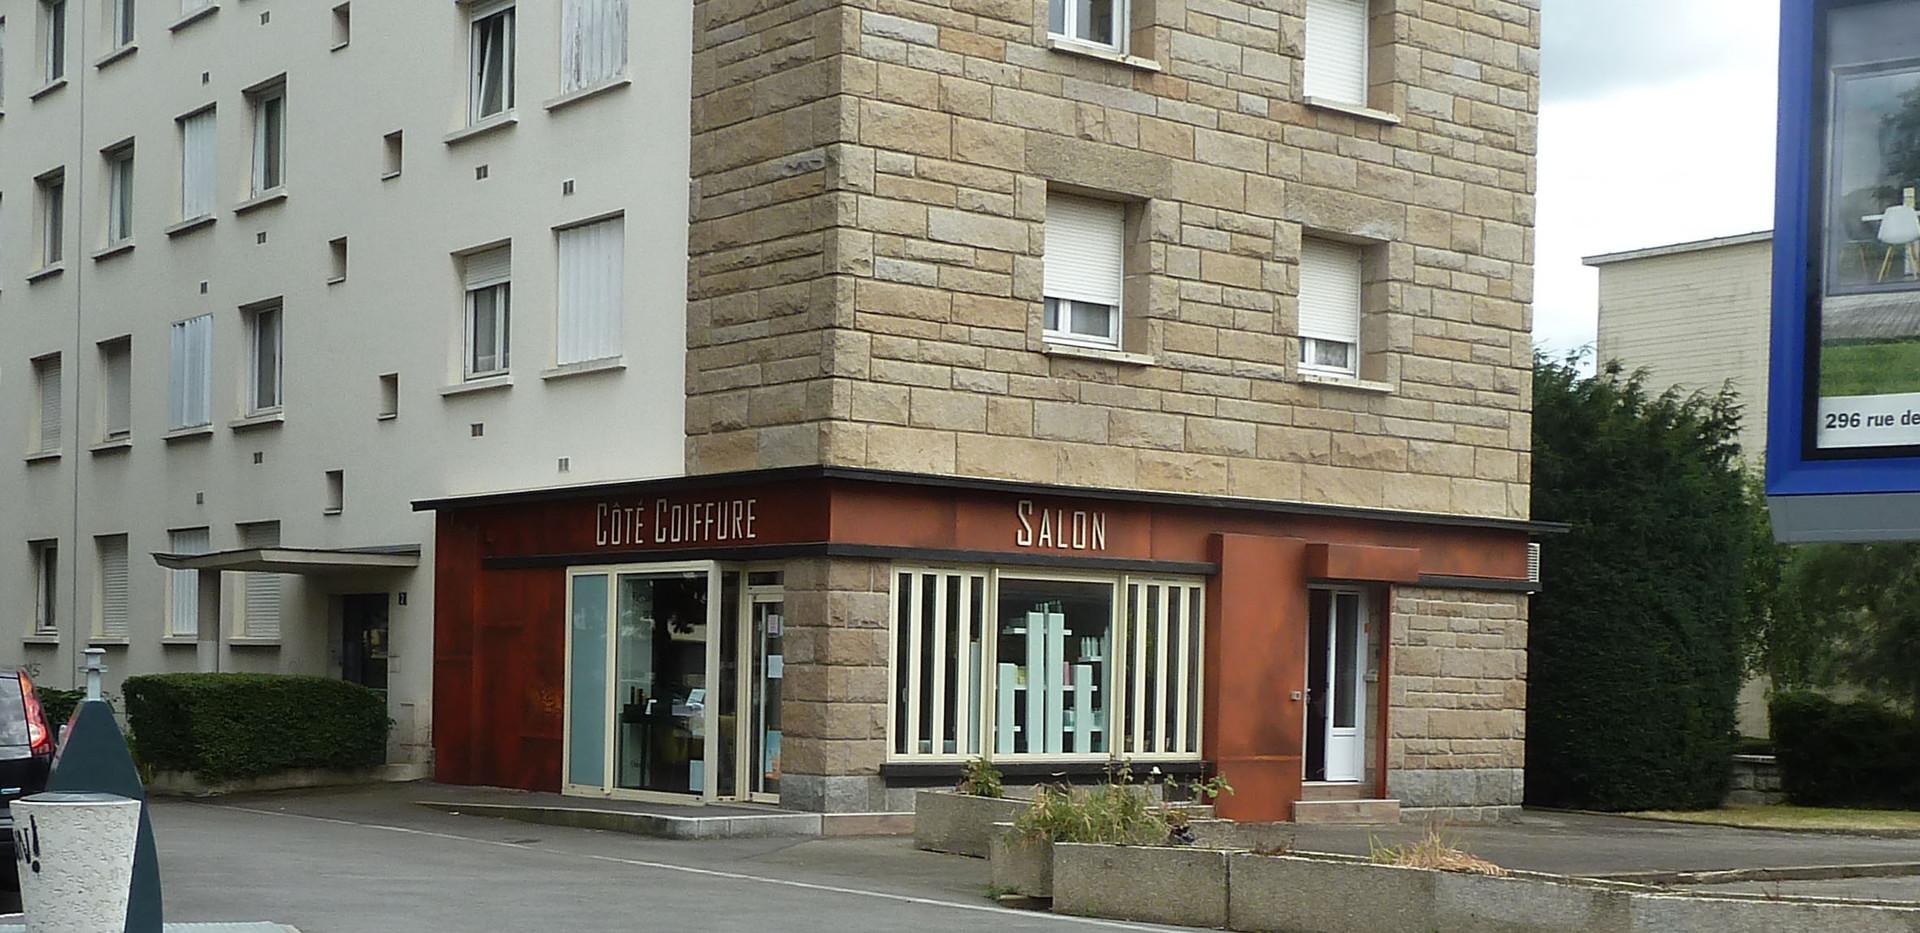 Côté coiffure - devanture et décors peints extérieur et intérieurs - Adelles.jpg